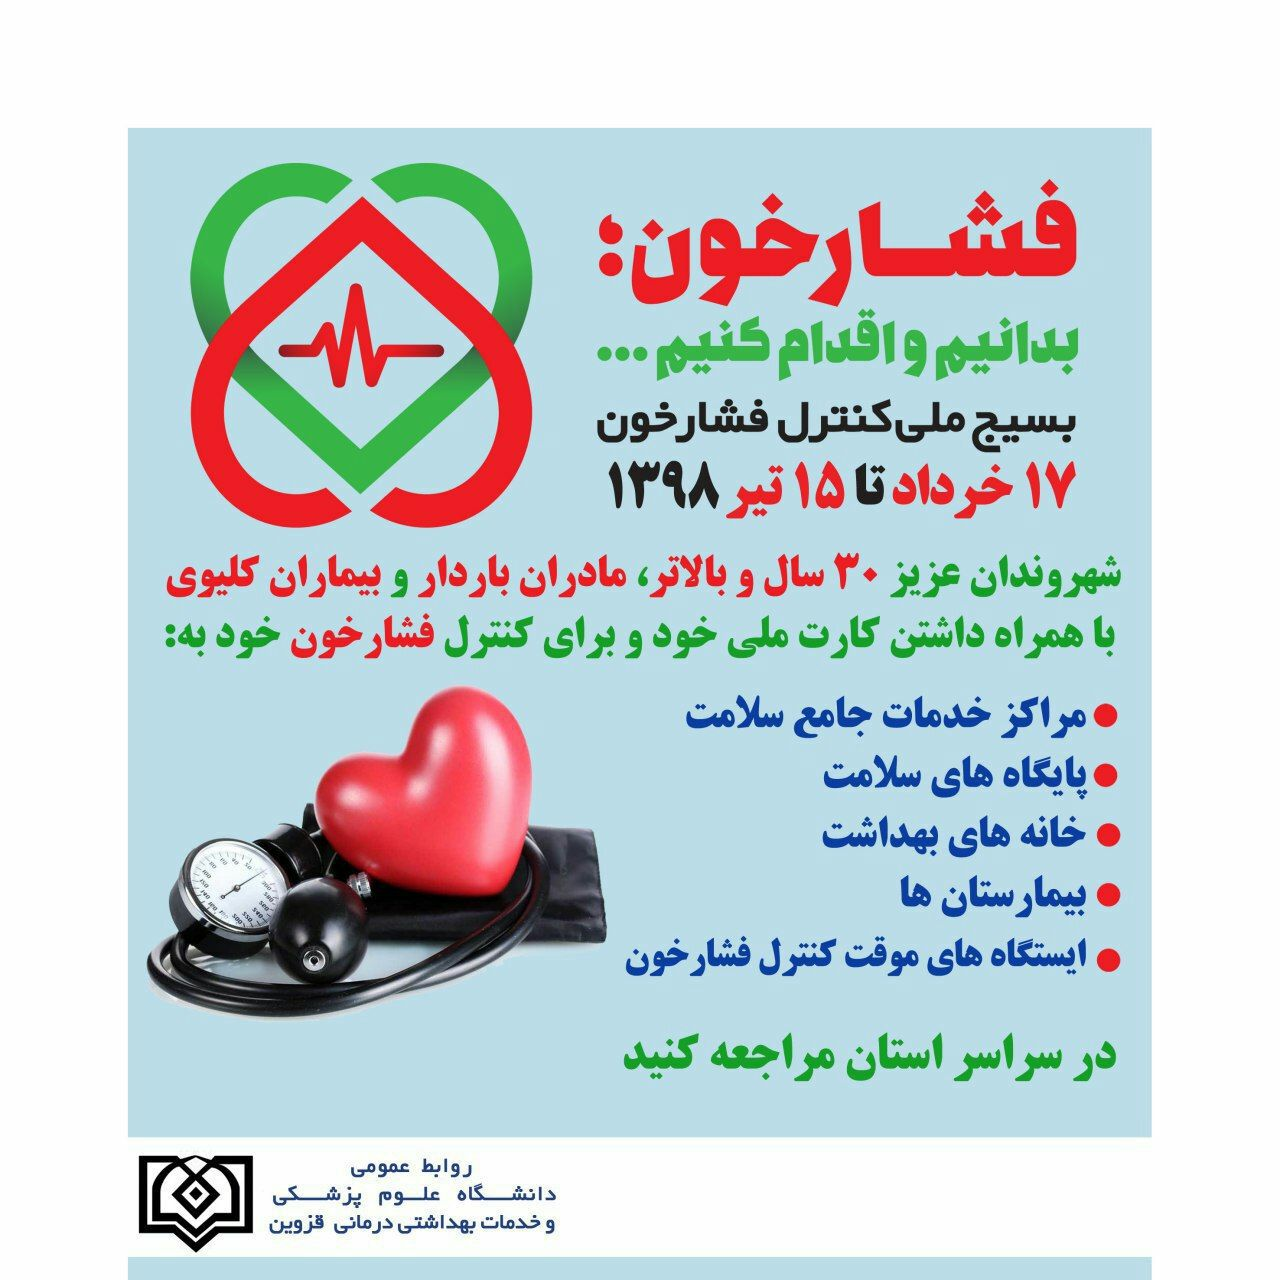 """اجرای طرح """"بسیج ملی کنترل فشارخون"""" در مراکز بهداشتی/۲۴درصد قزوینیها فشارخون بالا دارند"""